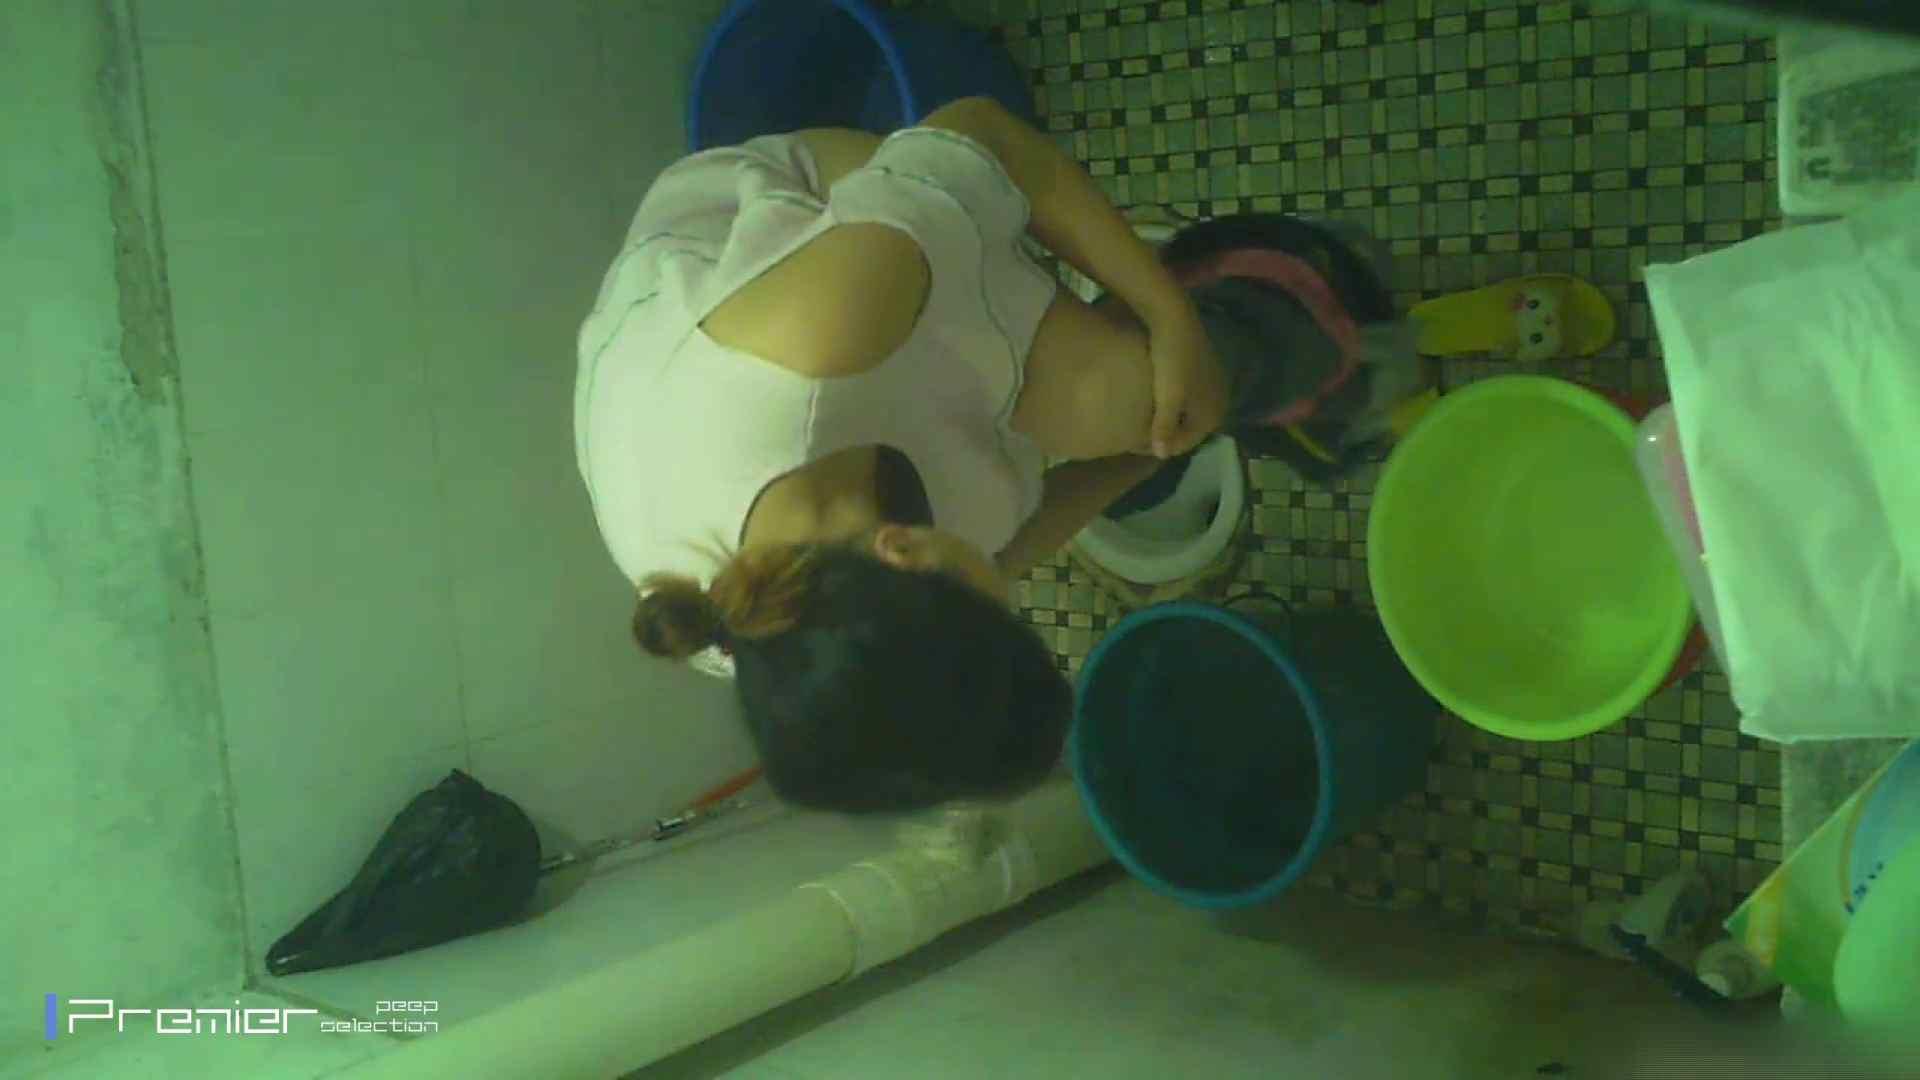 美女の痴態に密着!洗面所で入浴! 洗面所 エロ画像 90PIX 23